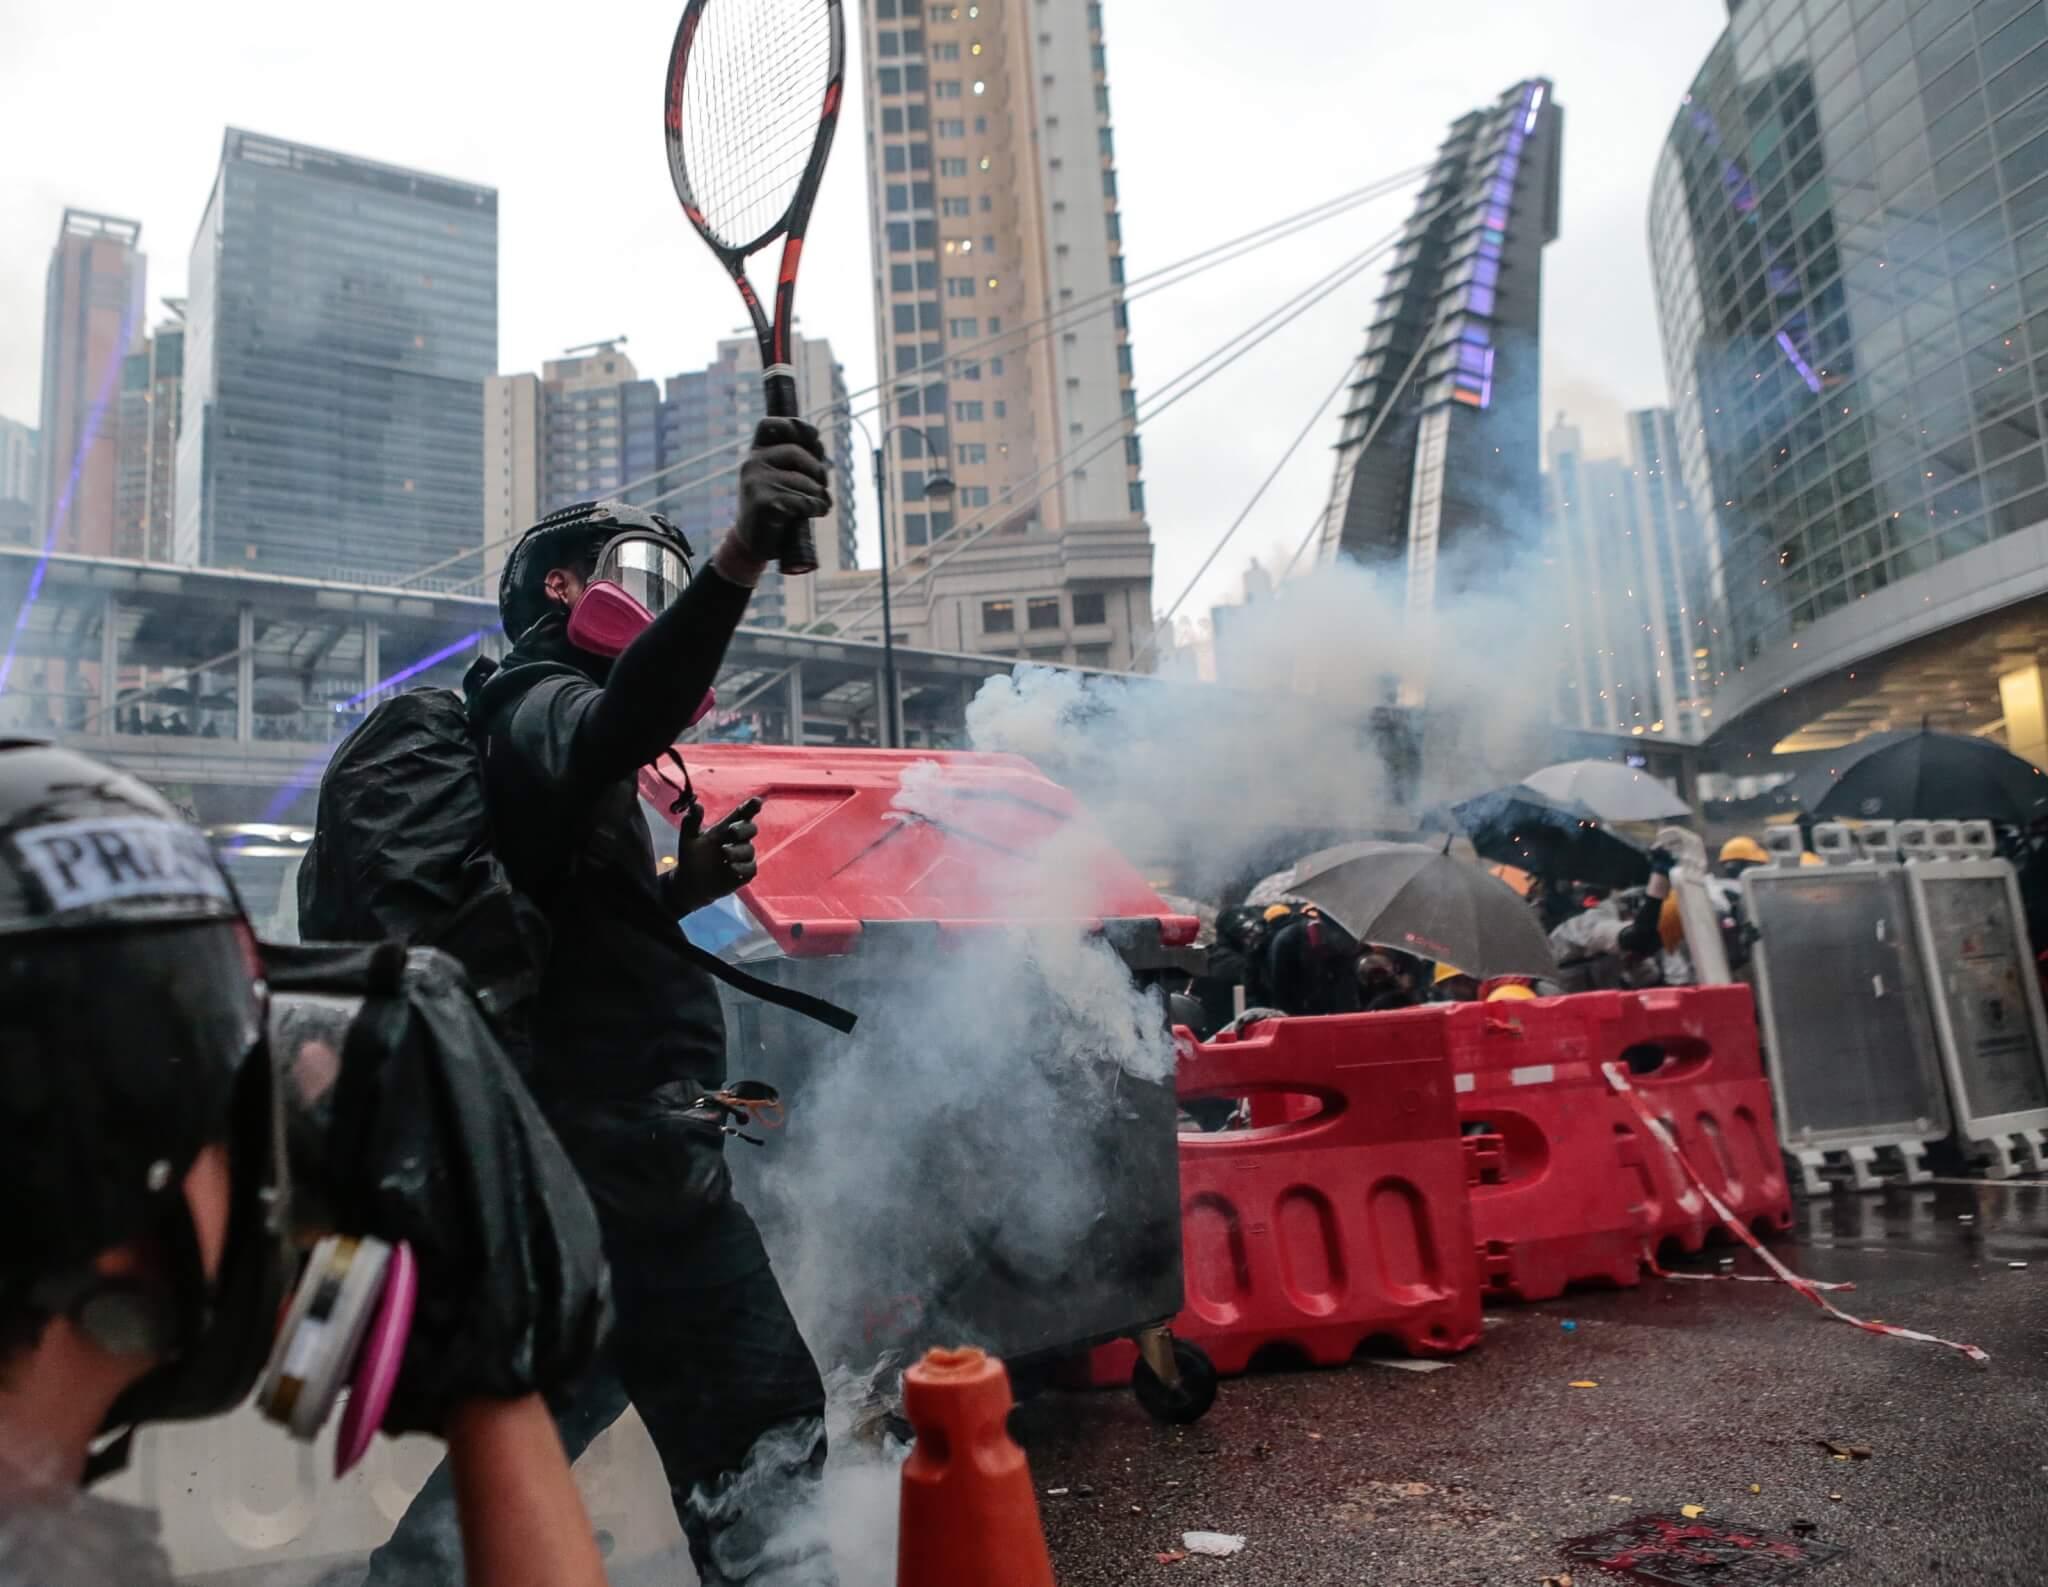 前線示威者以網球拍將催淚彈擊走